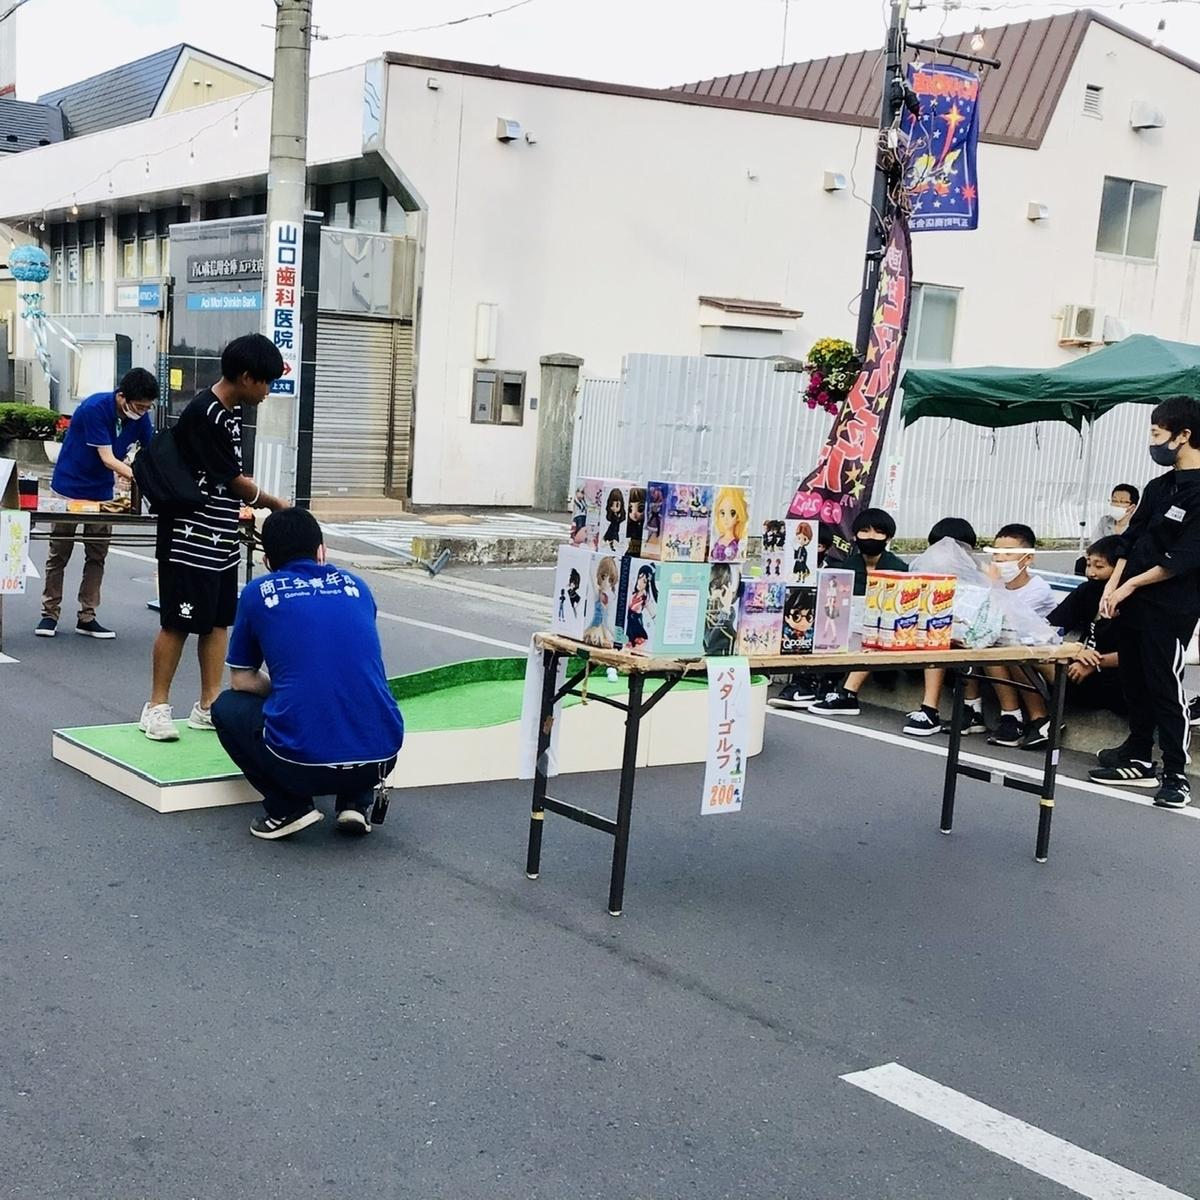 f:id:yumeusagiyukiusagi:20210728021600j:plain